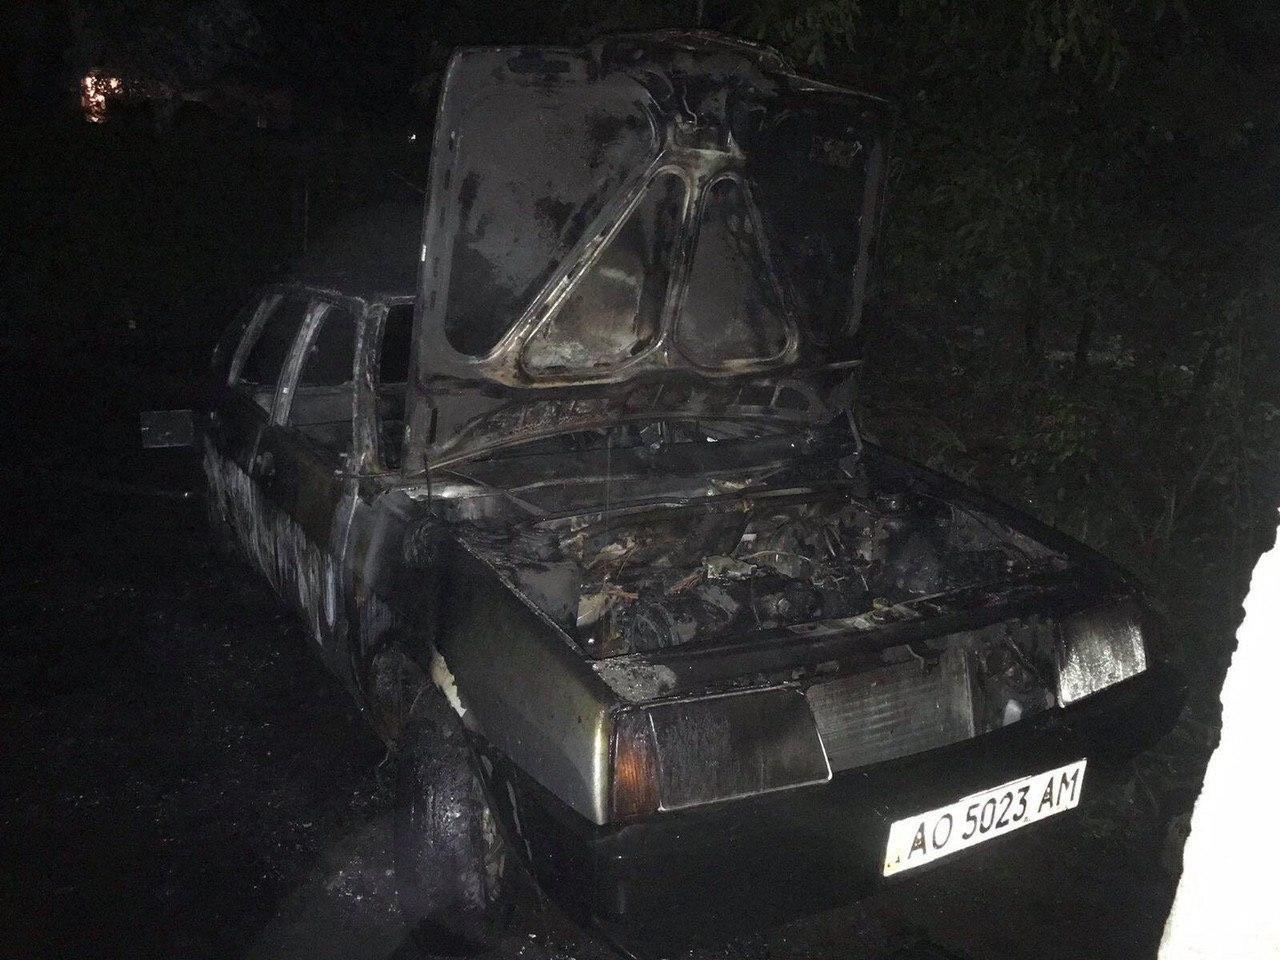 В Ужгороді вночі спалили авто, яке належить працівнику Баранинської ОТГ (ФОТО, ВІДЕО), фото-2